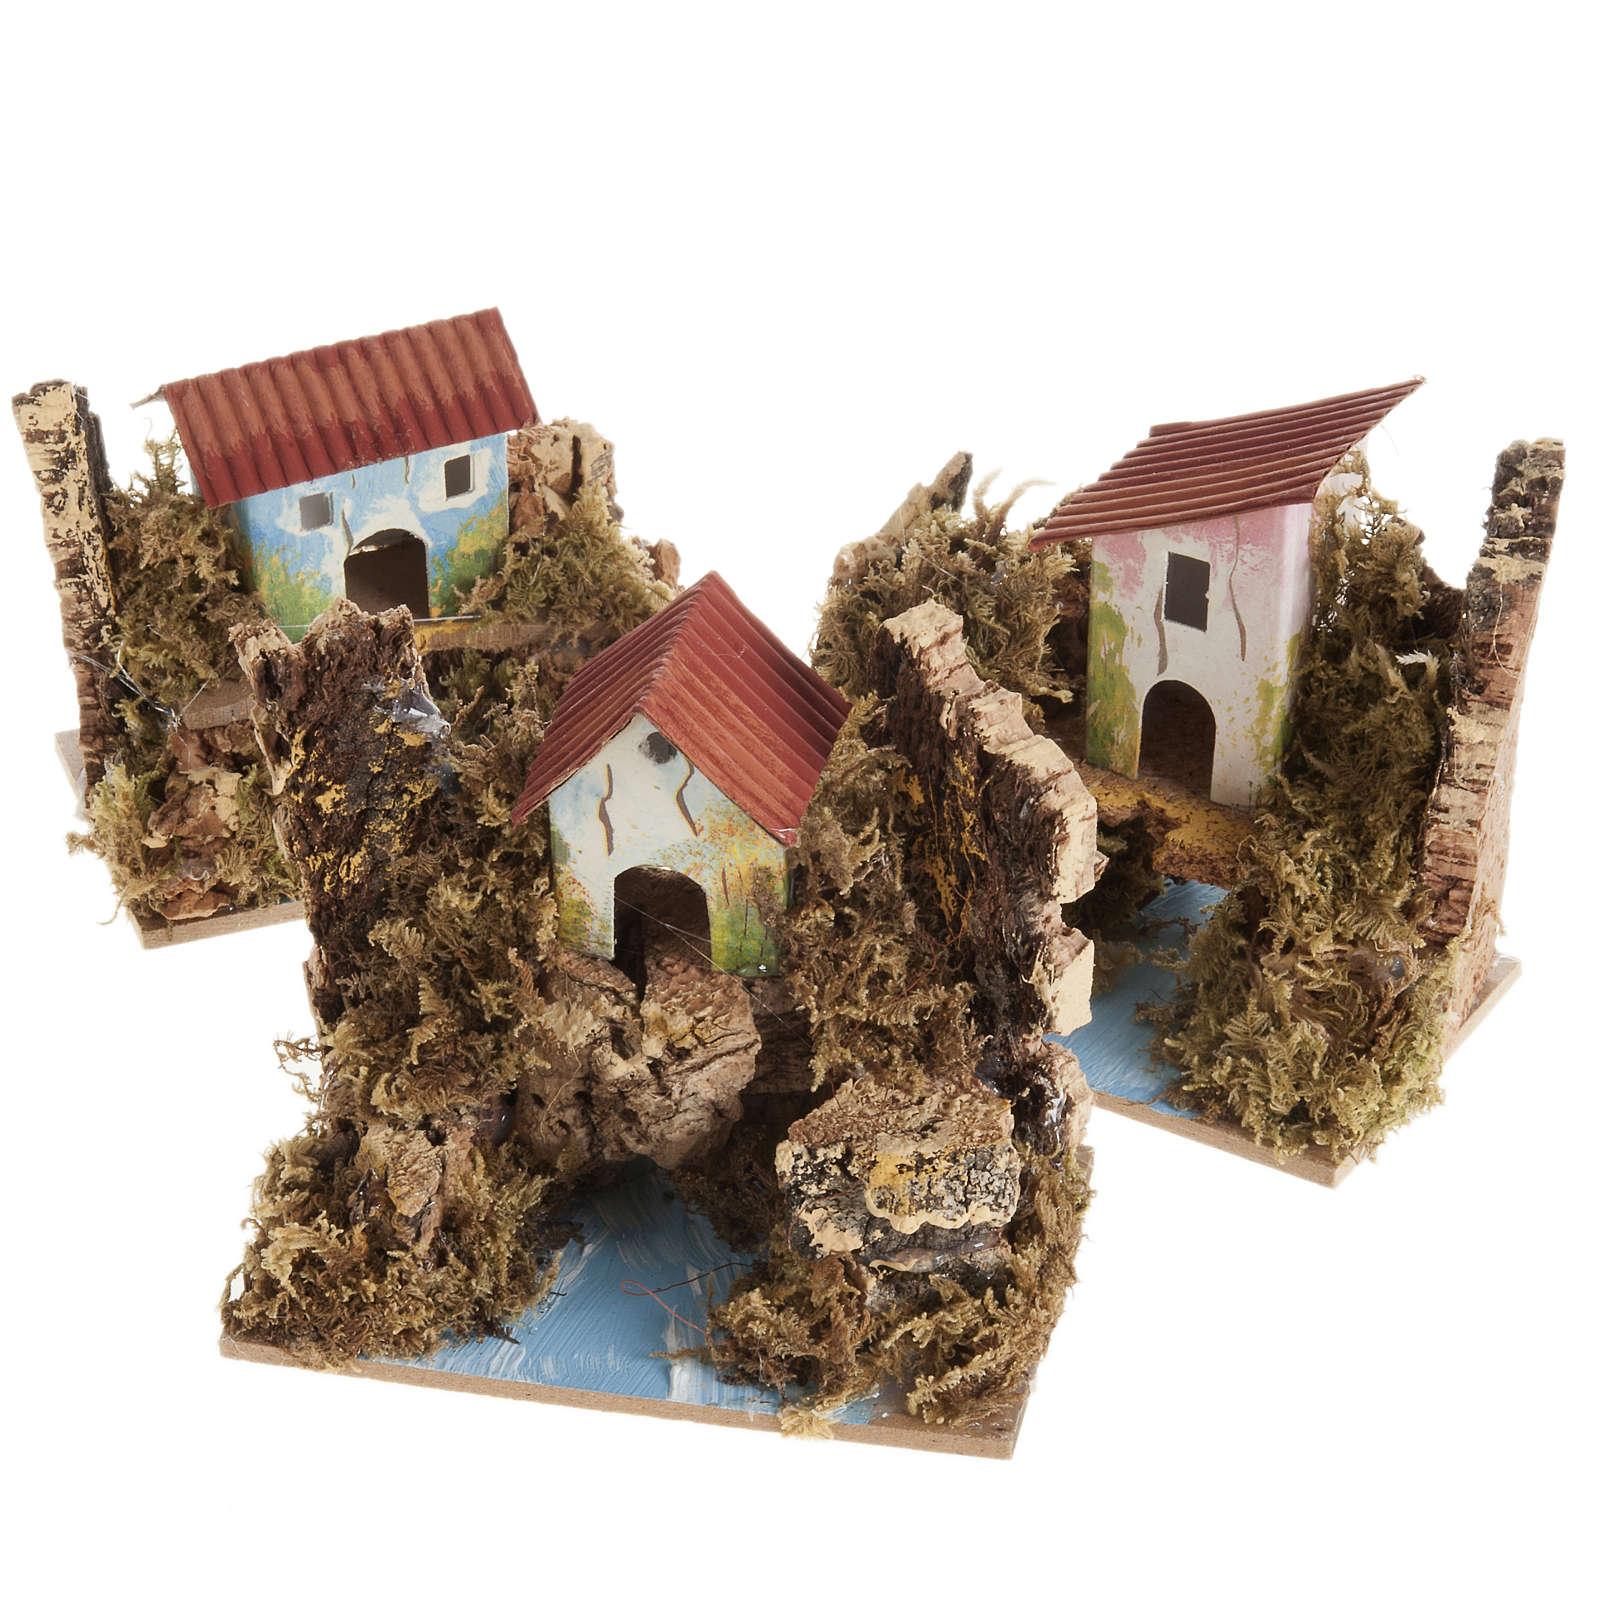 Caseta belén madera rio surtidos 4